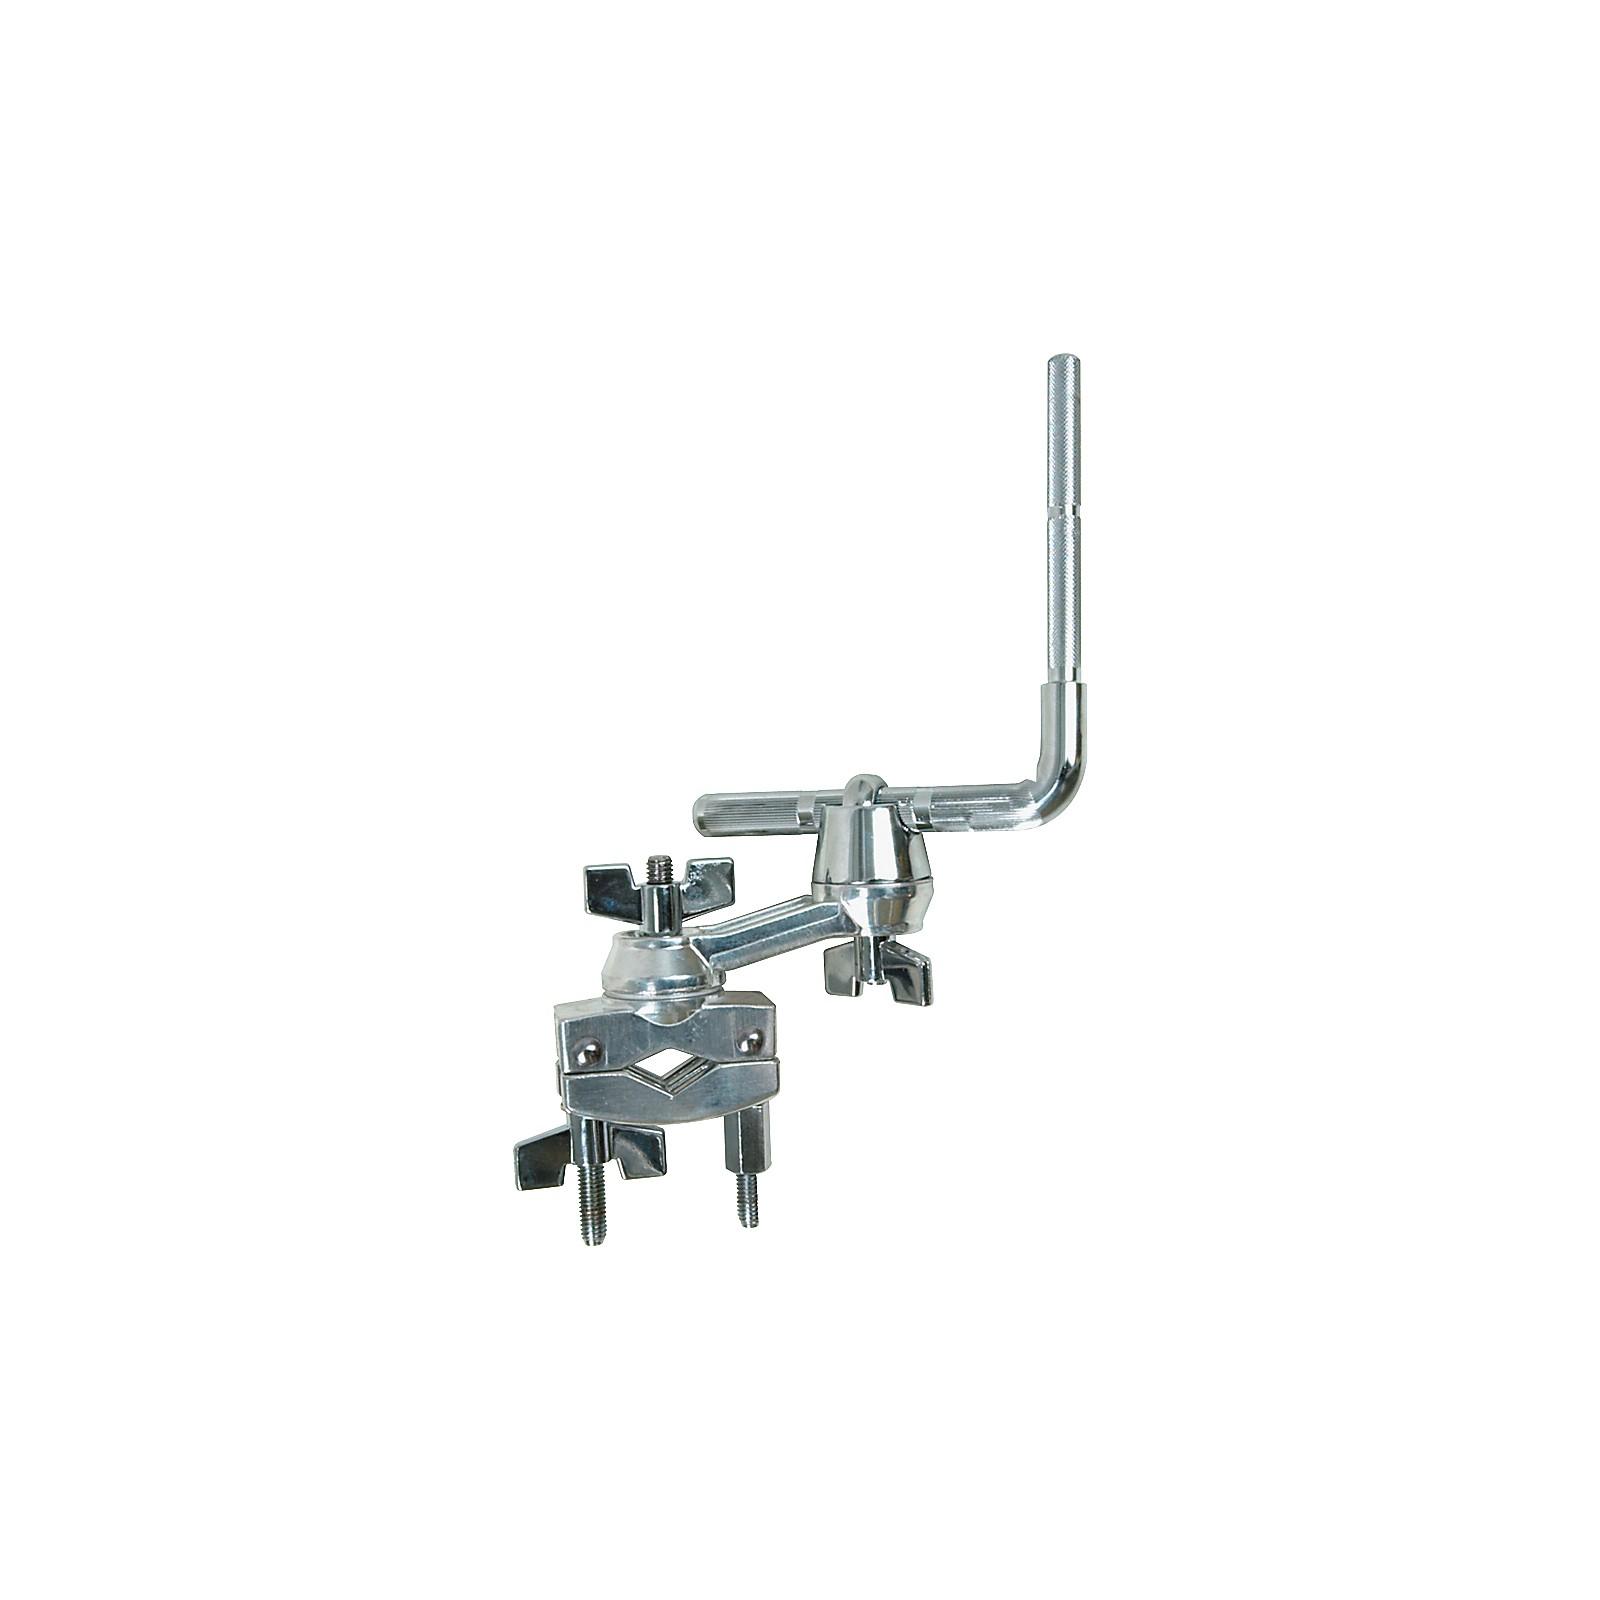 Gibraltar L-Rod Adjustment Clamp